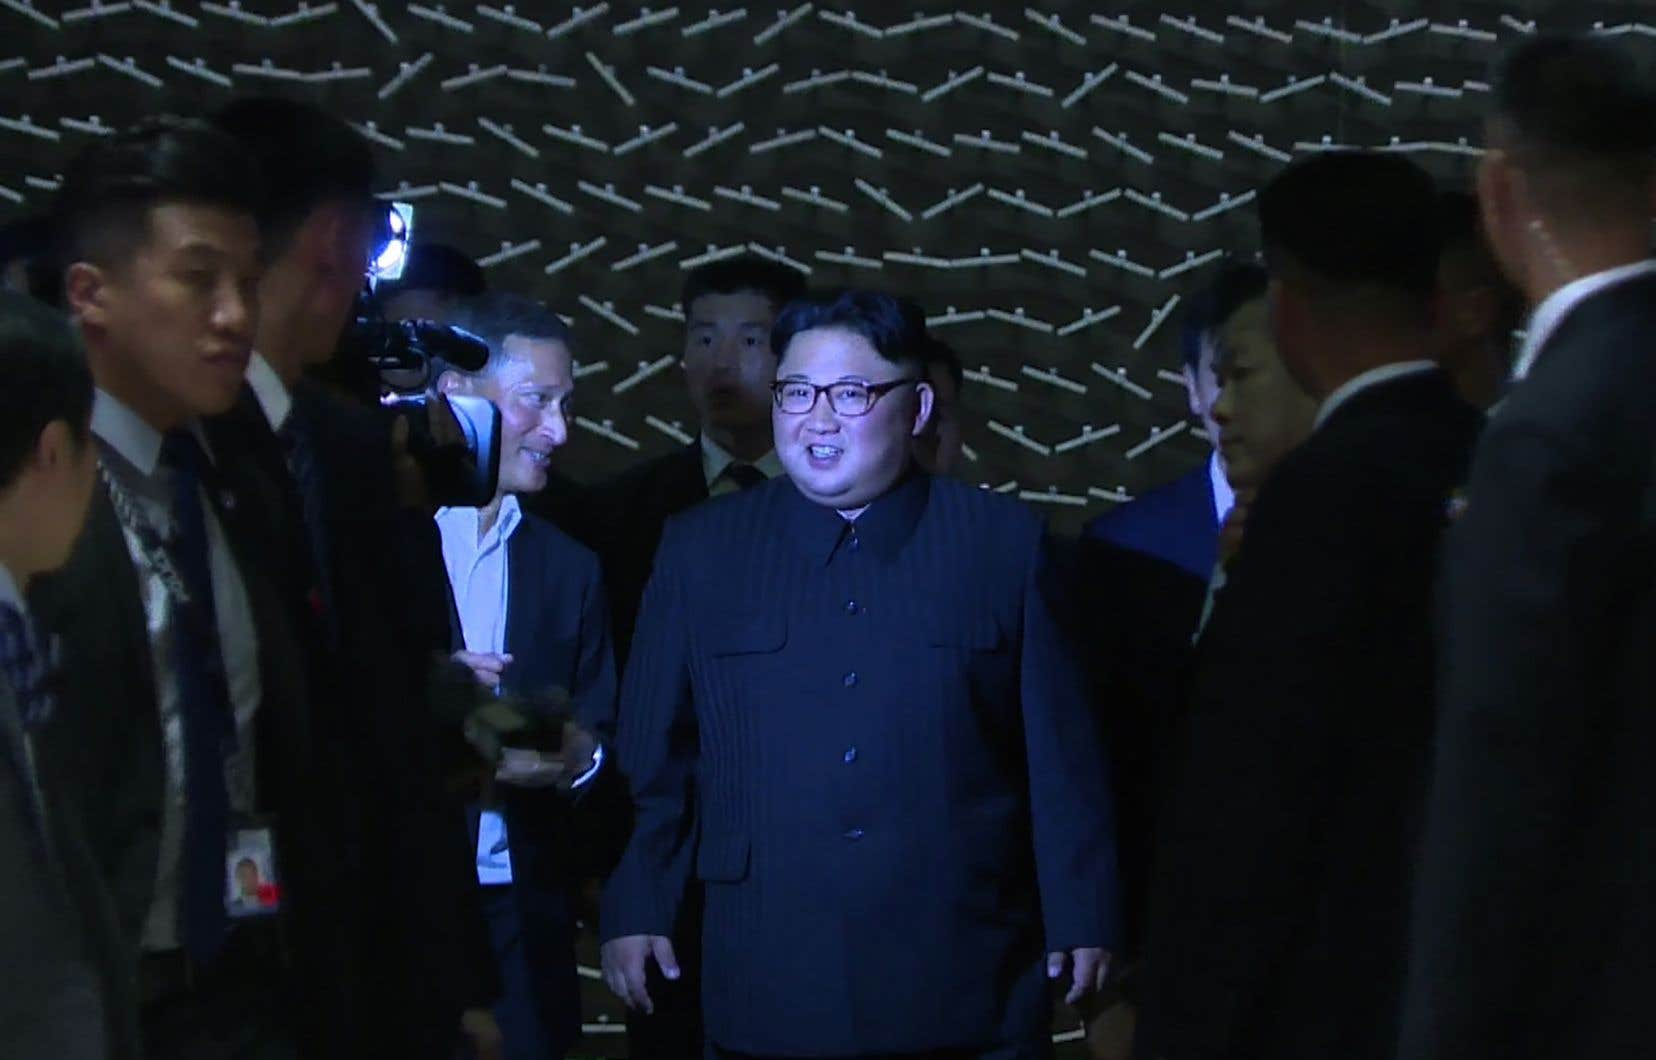 Kim Jong-una visité les hauts lieux touristiques de la ville, dont le Jardin botanique ultramoderne, avant de regagner son hôtel de luxe avant minuit.